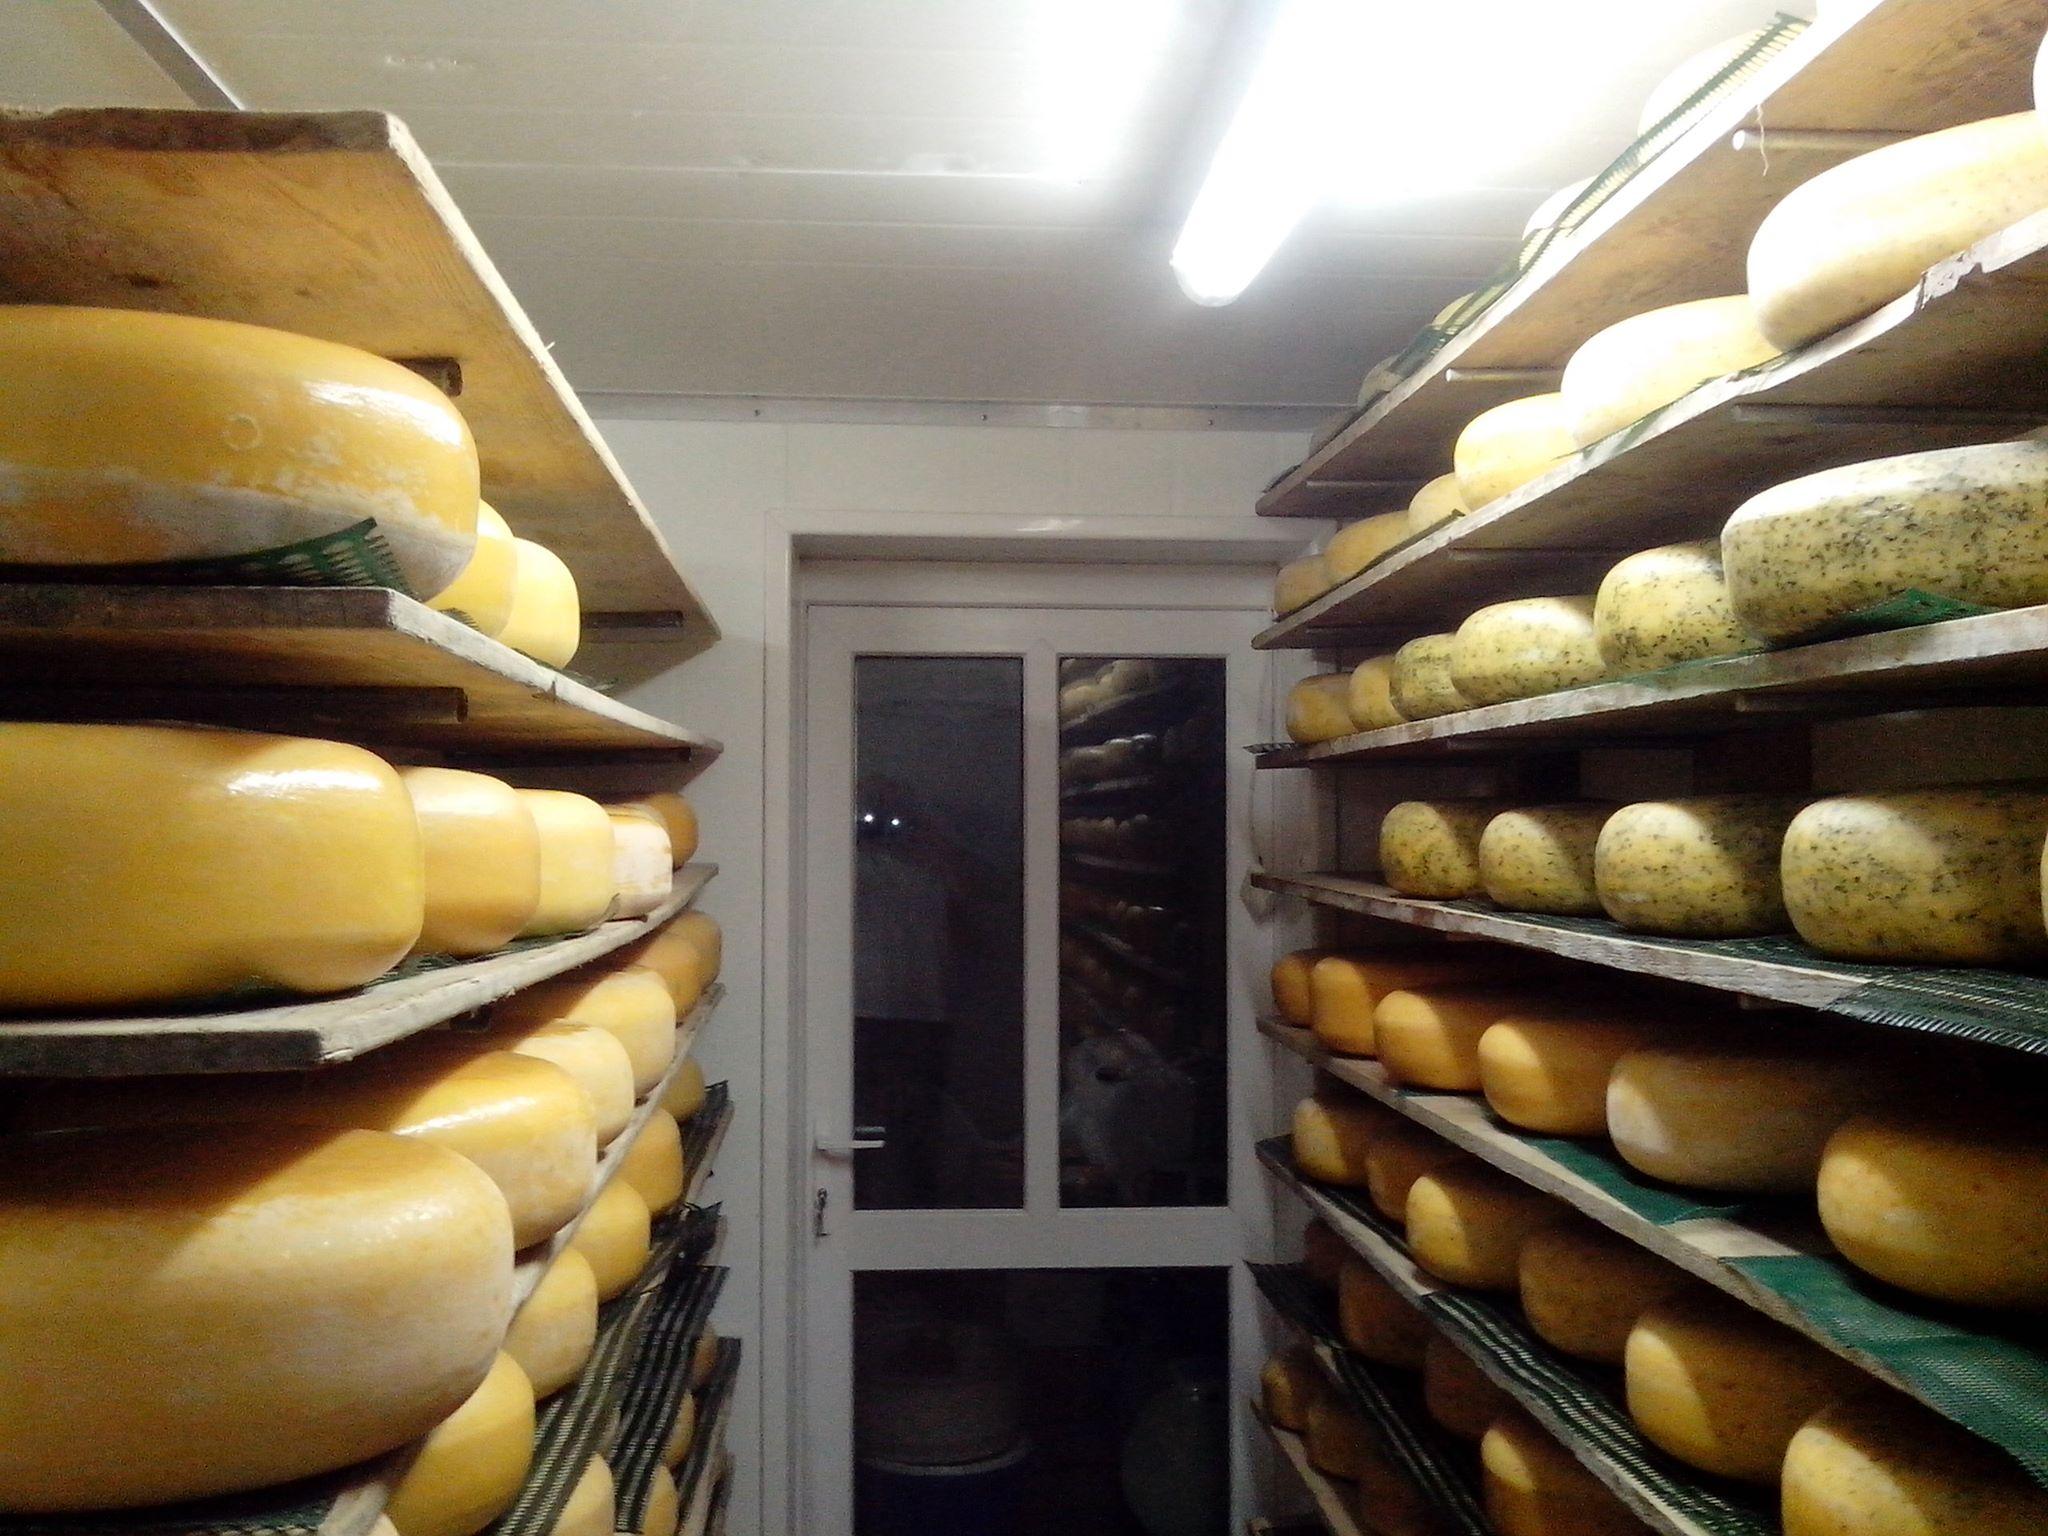 Sajtraktár Walesben, a polcokon Gouda jellegű sajtok sokasága sorakozik...